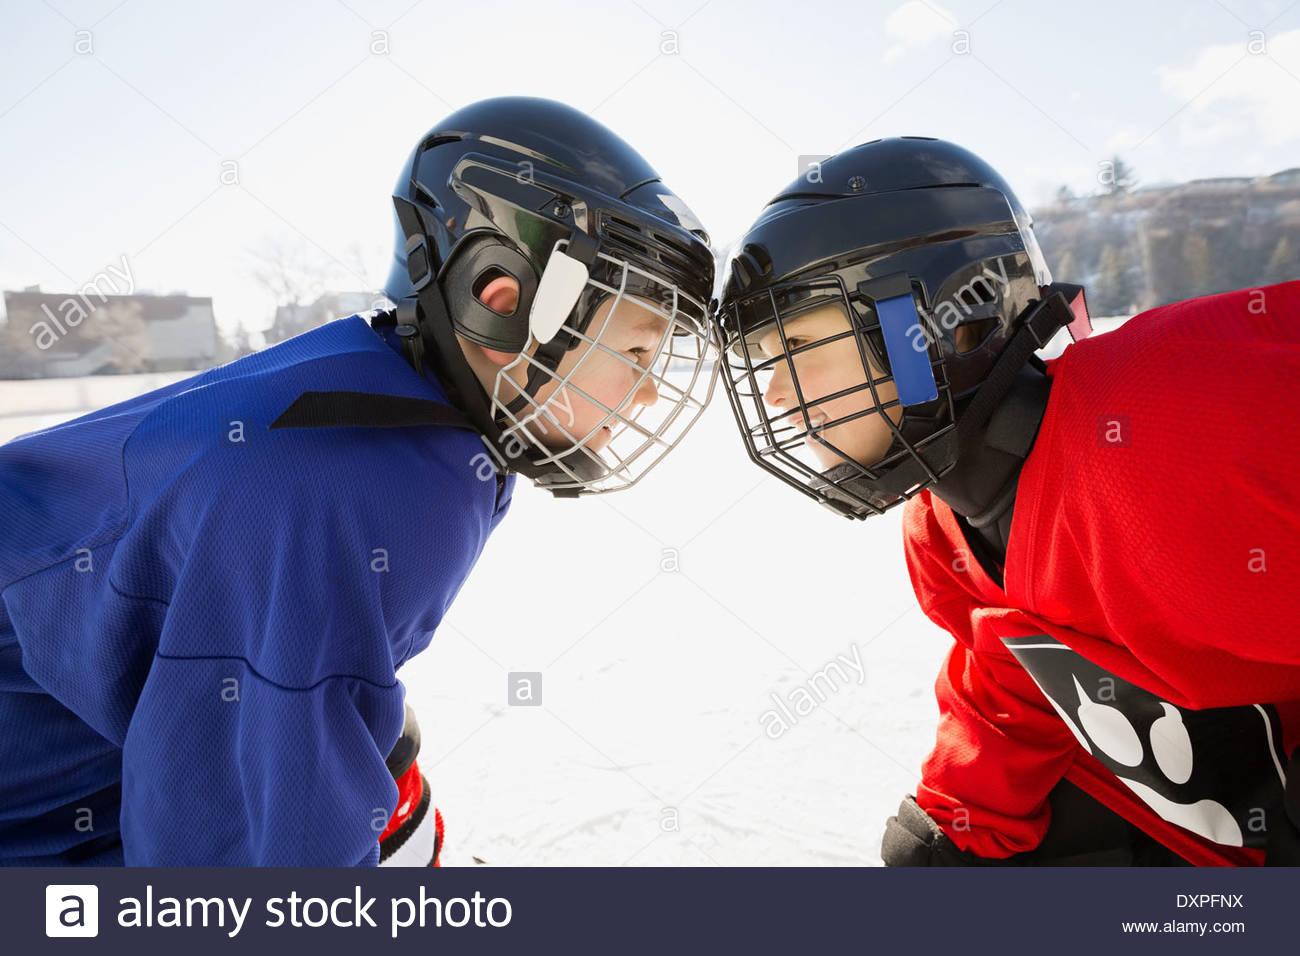 Les joueurs de hockey sur glace face off on rink Photo Stock